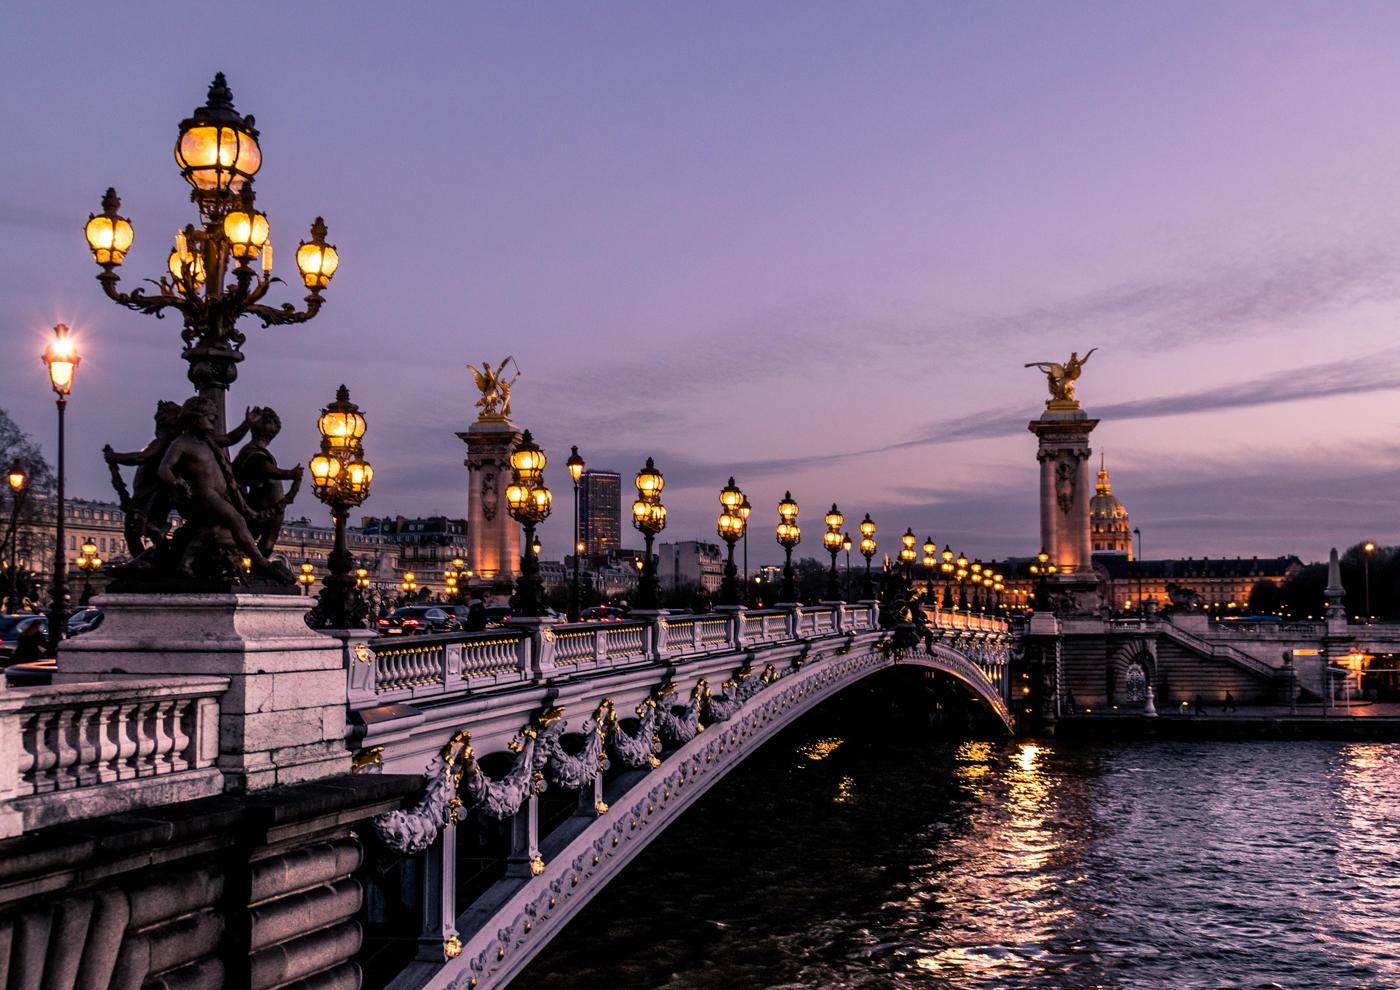 Comment bien vendre son bien immobilieren région parisienne?